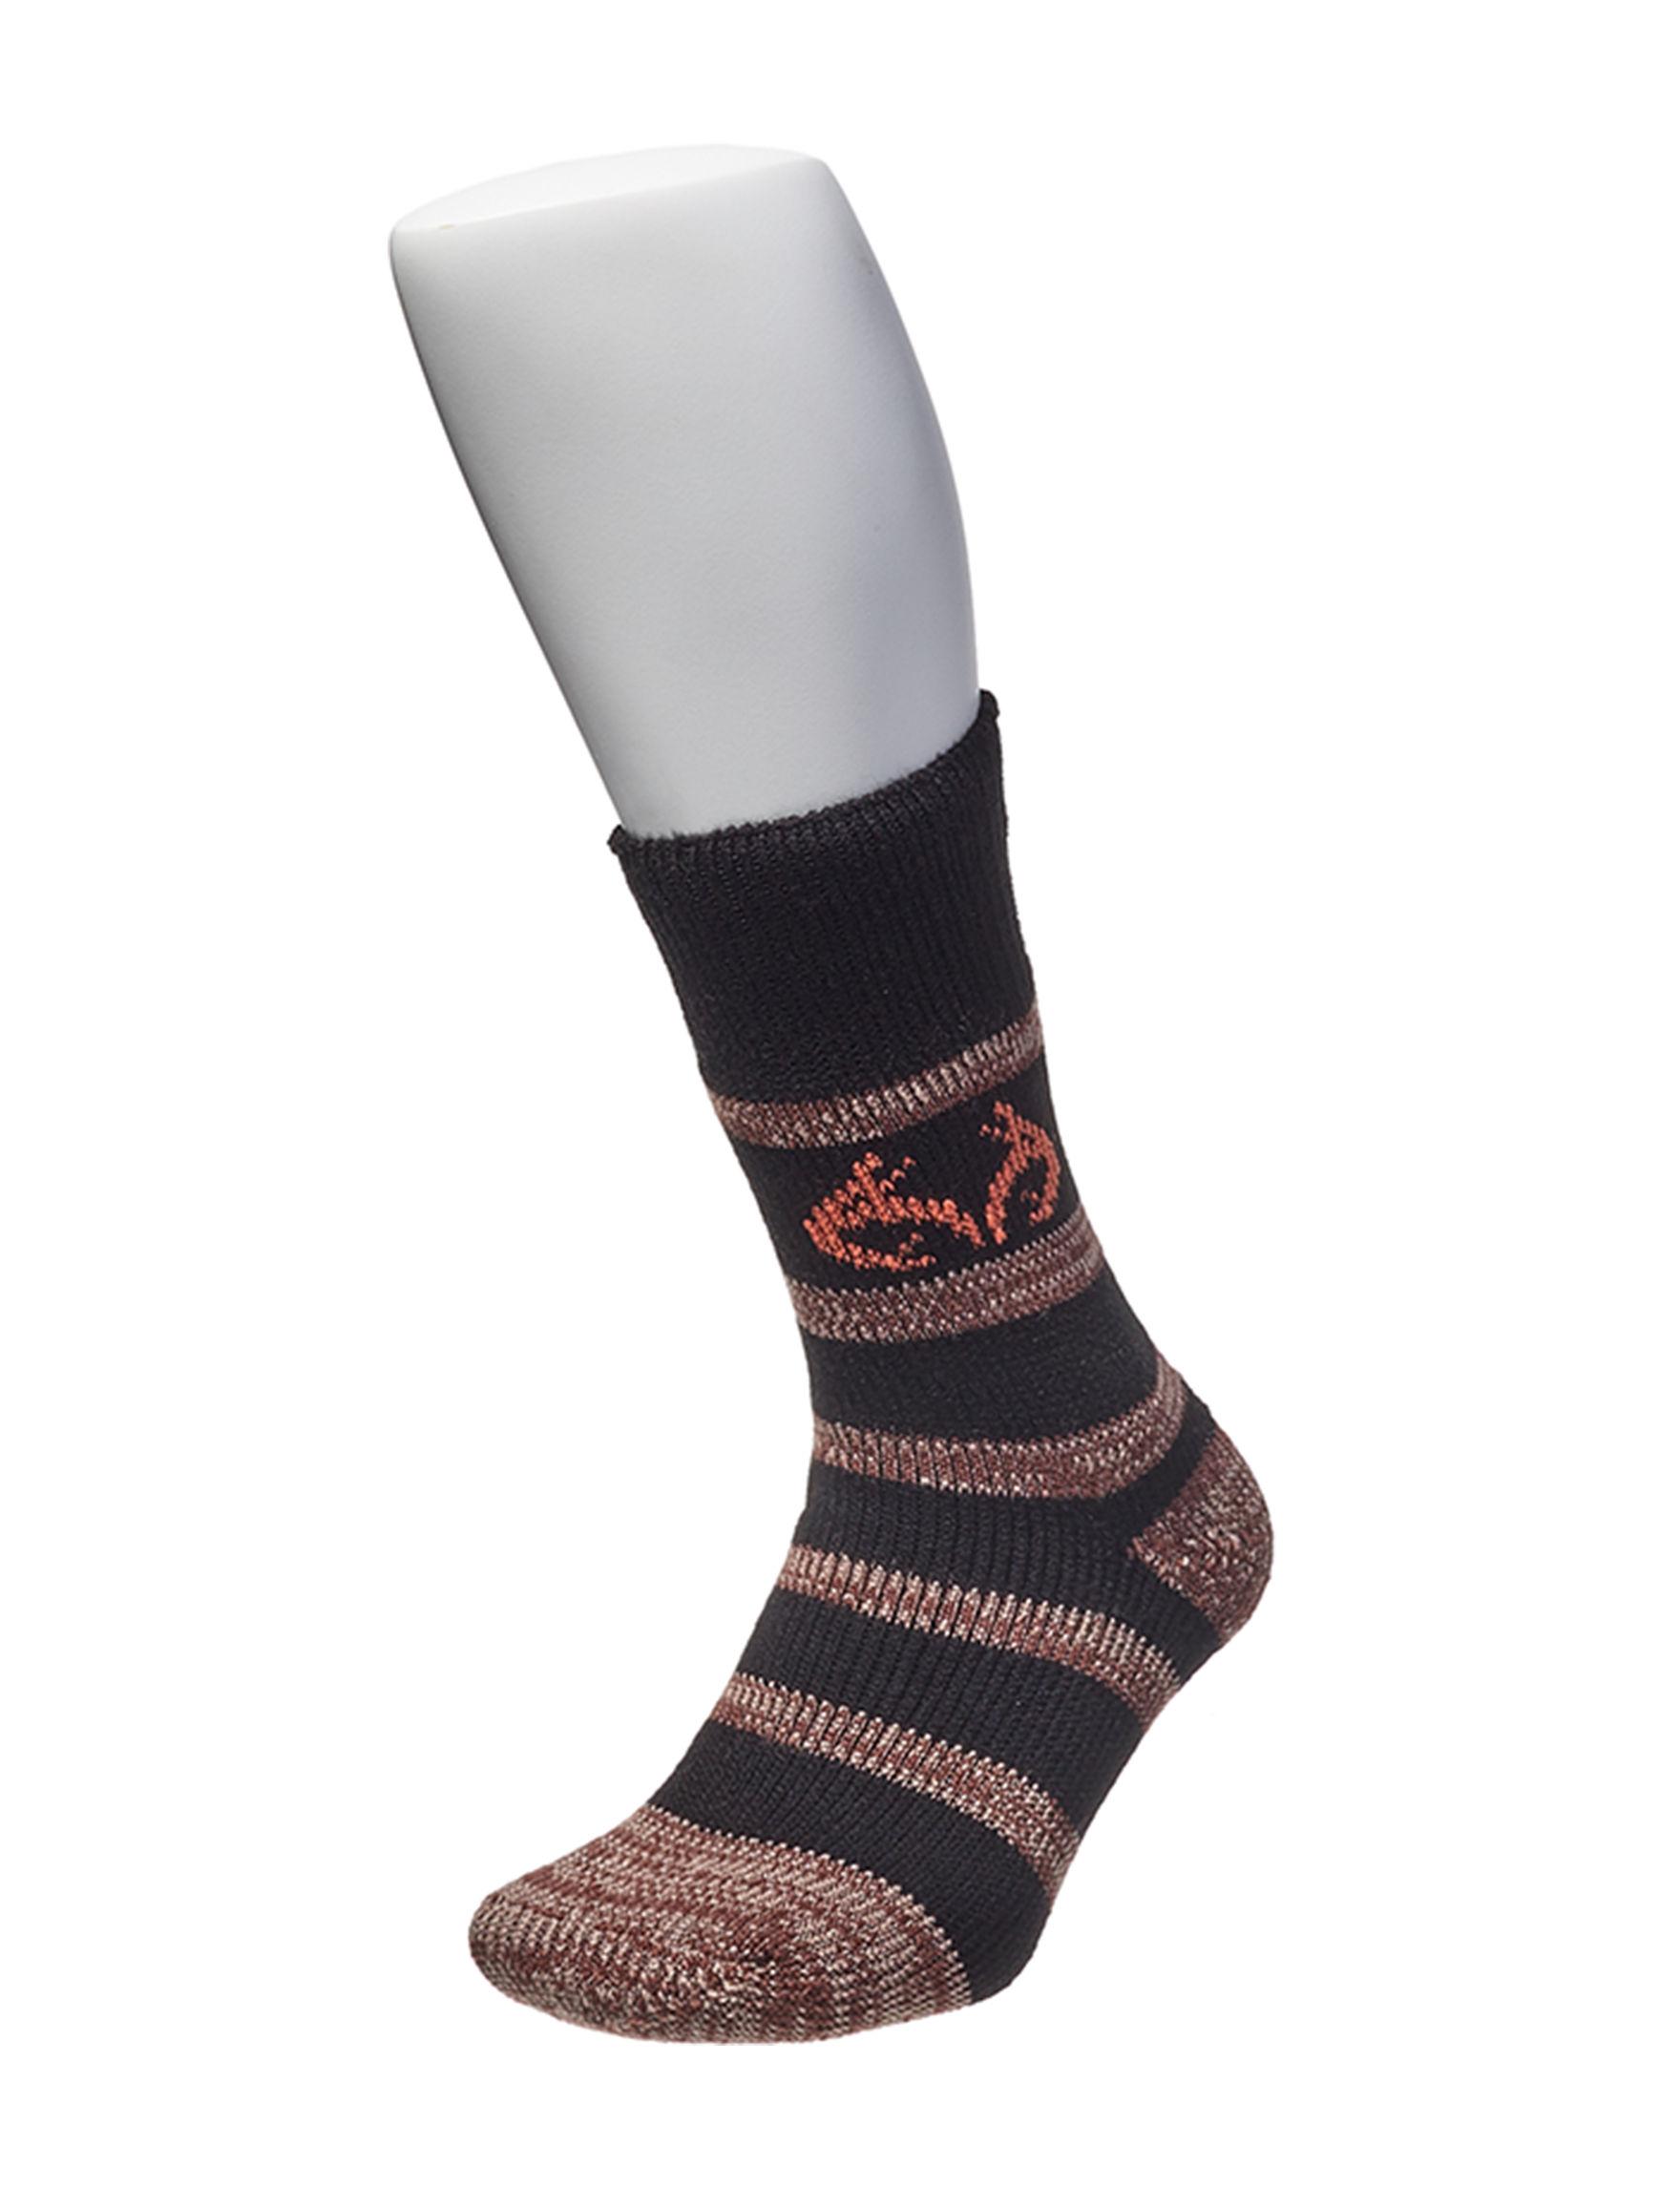 Realtree Black Socks